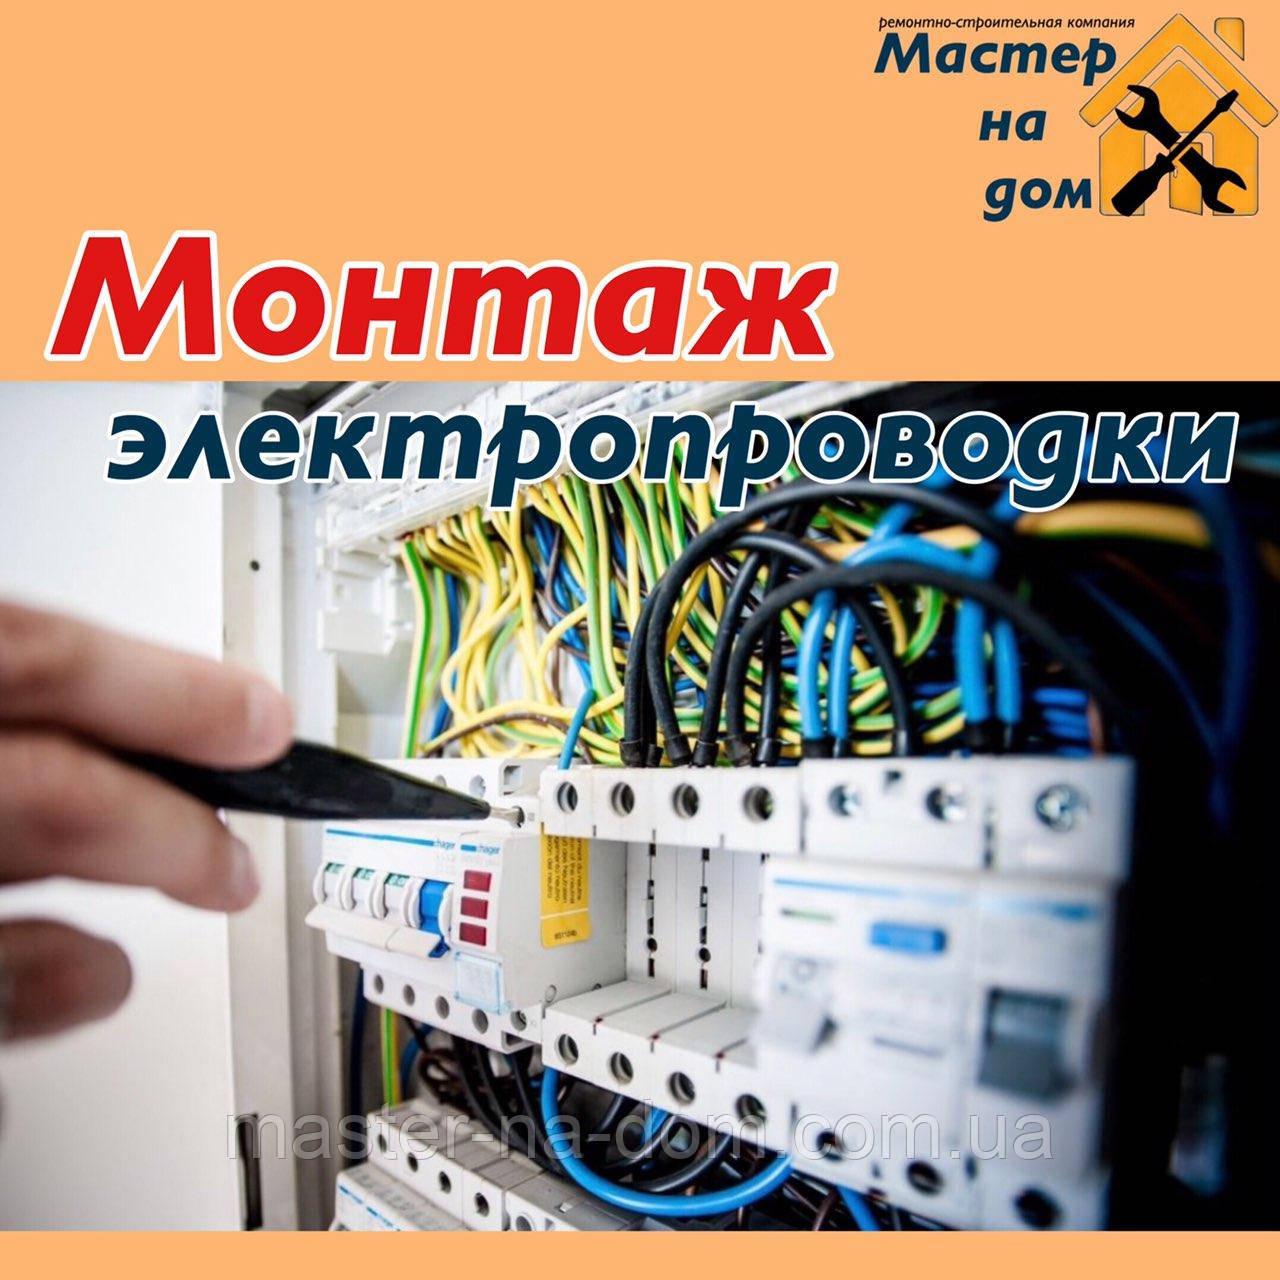 Монтаж электропроводки в Николаеве